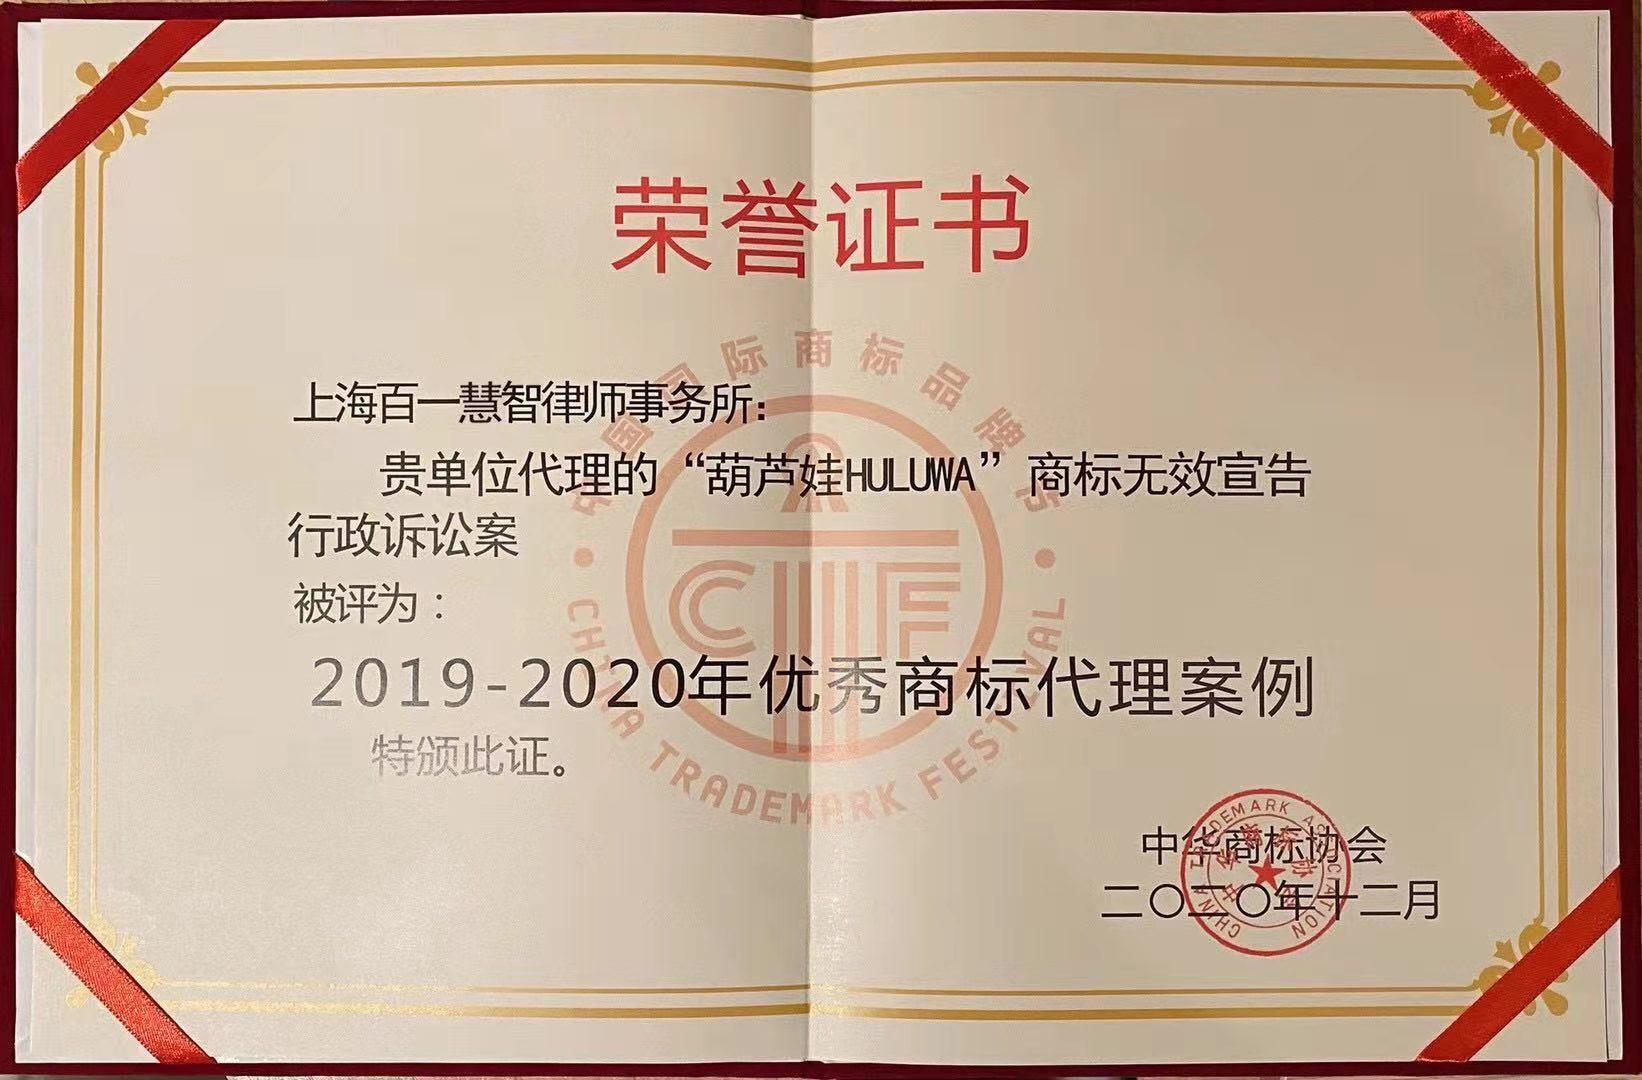 2019-2020年优秀商标代理案例